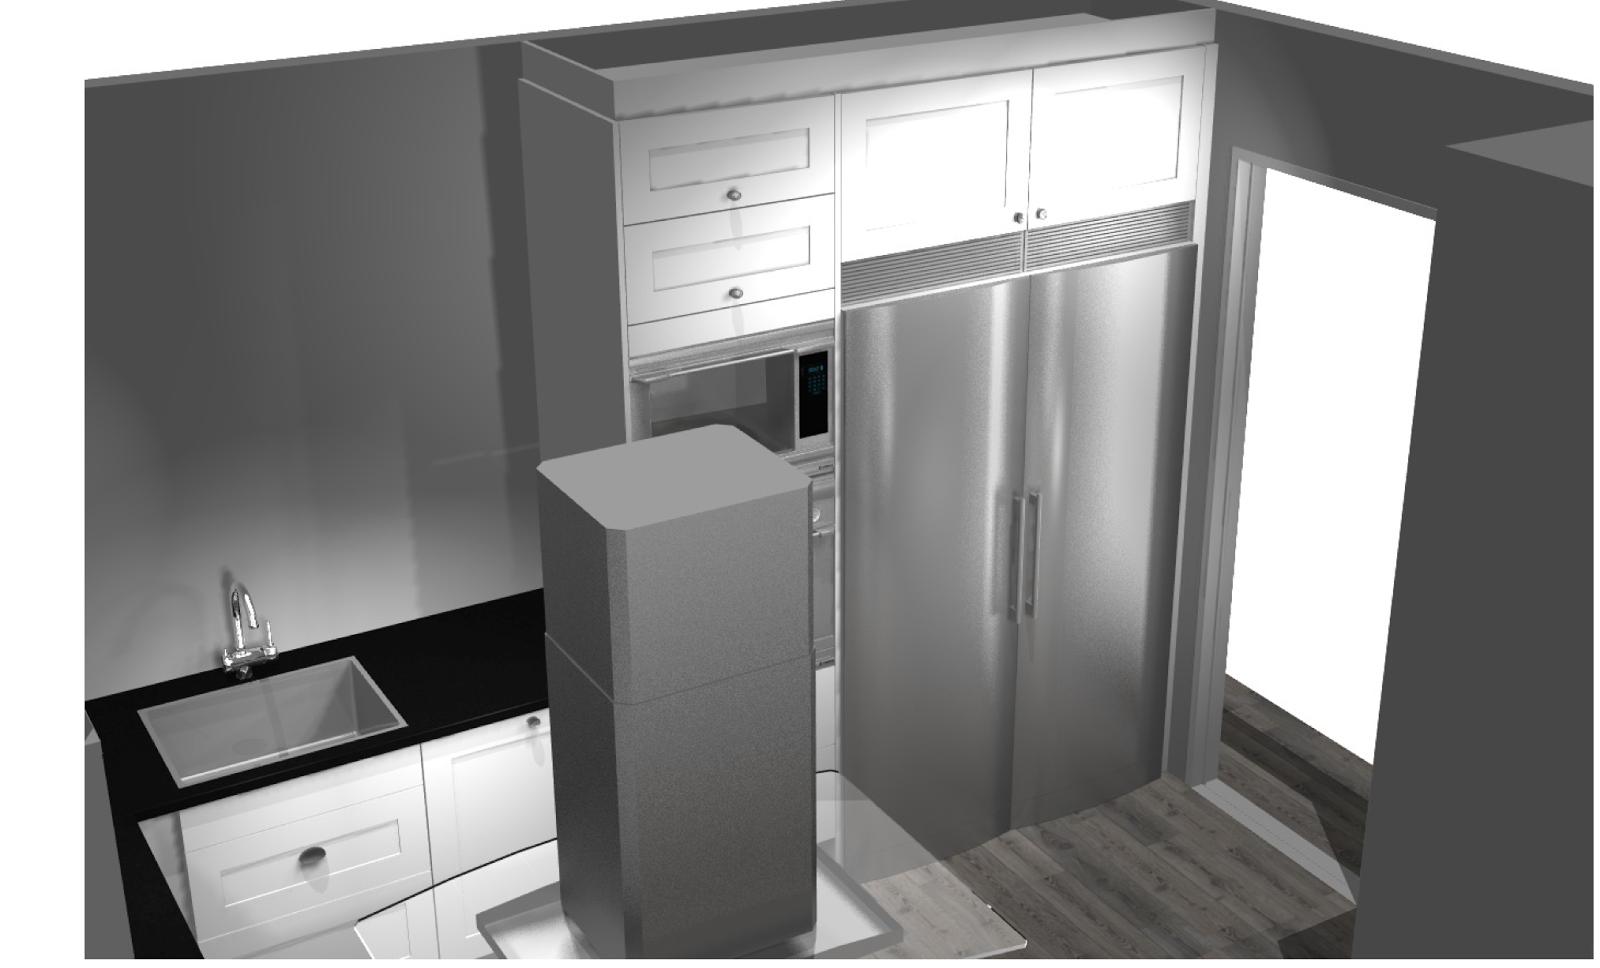 Sabelhagens olivlund : planerar nytt kök